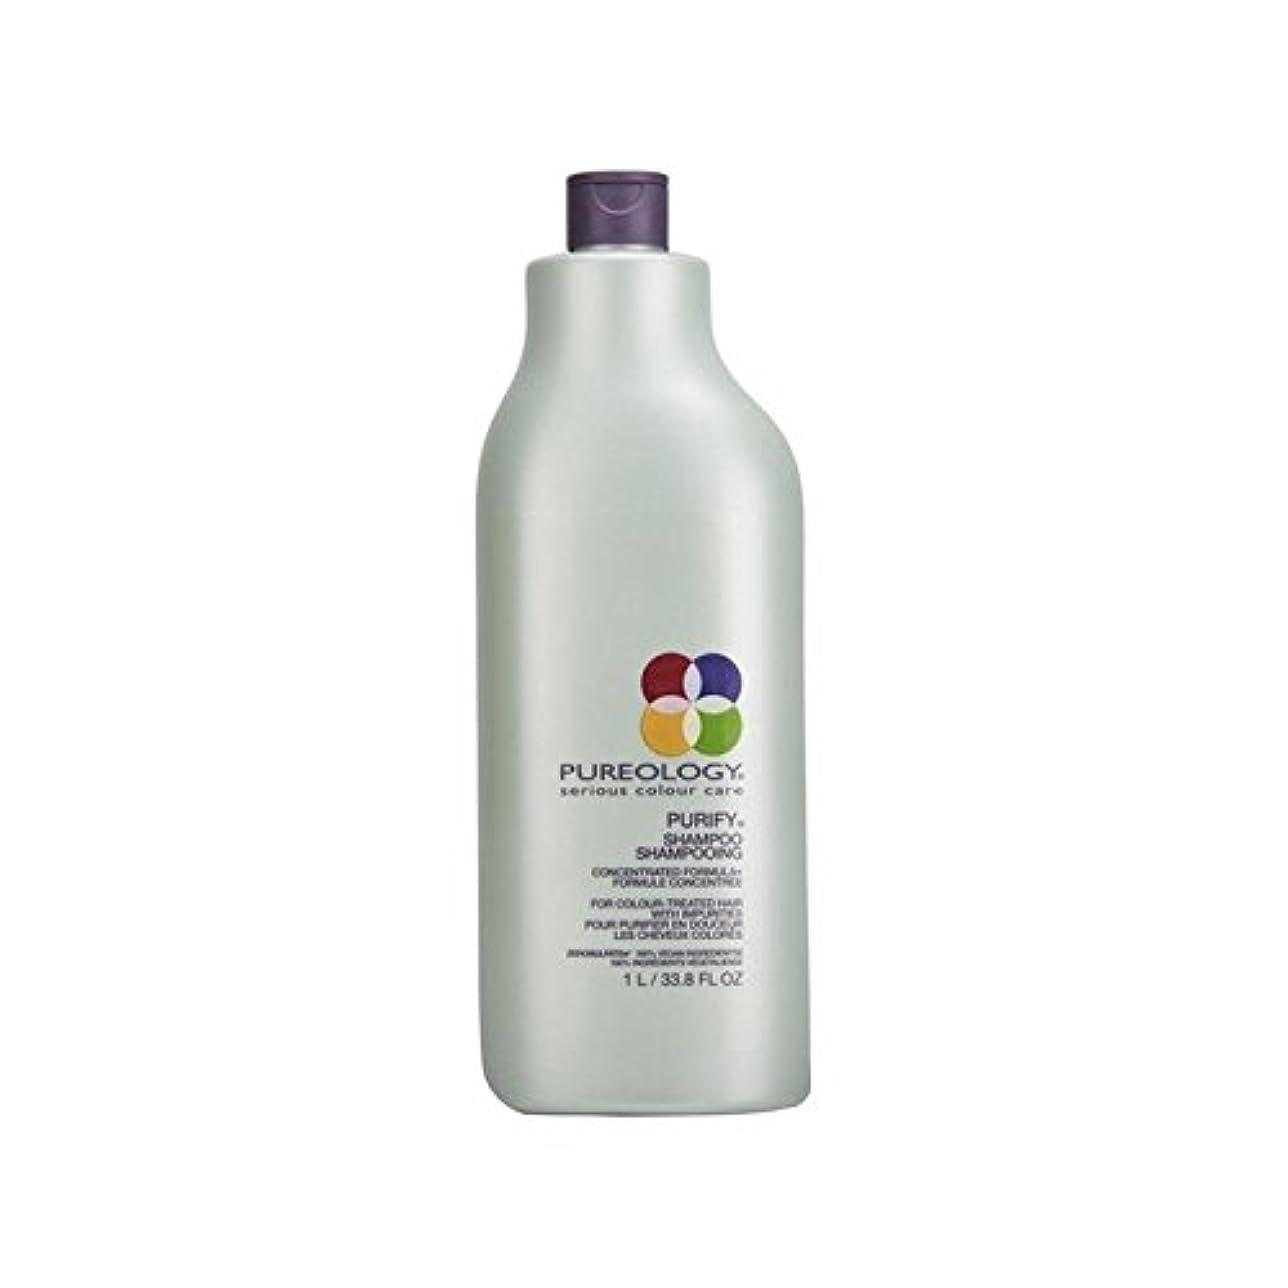 ベッドを作る寄稿者アセンブリののシャンプー(千ミリリットル) x4 - Pureology Purify Shampoo (1000ml) (Pack of 4) [並行輸入品]